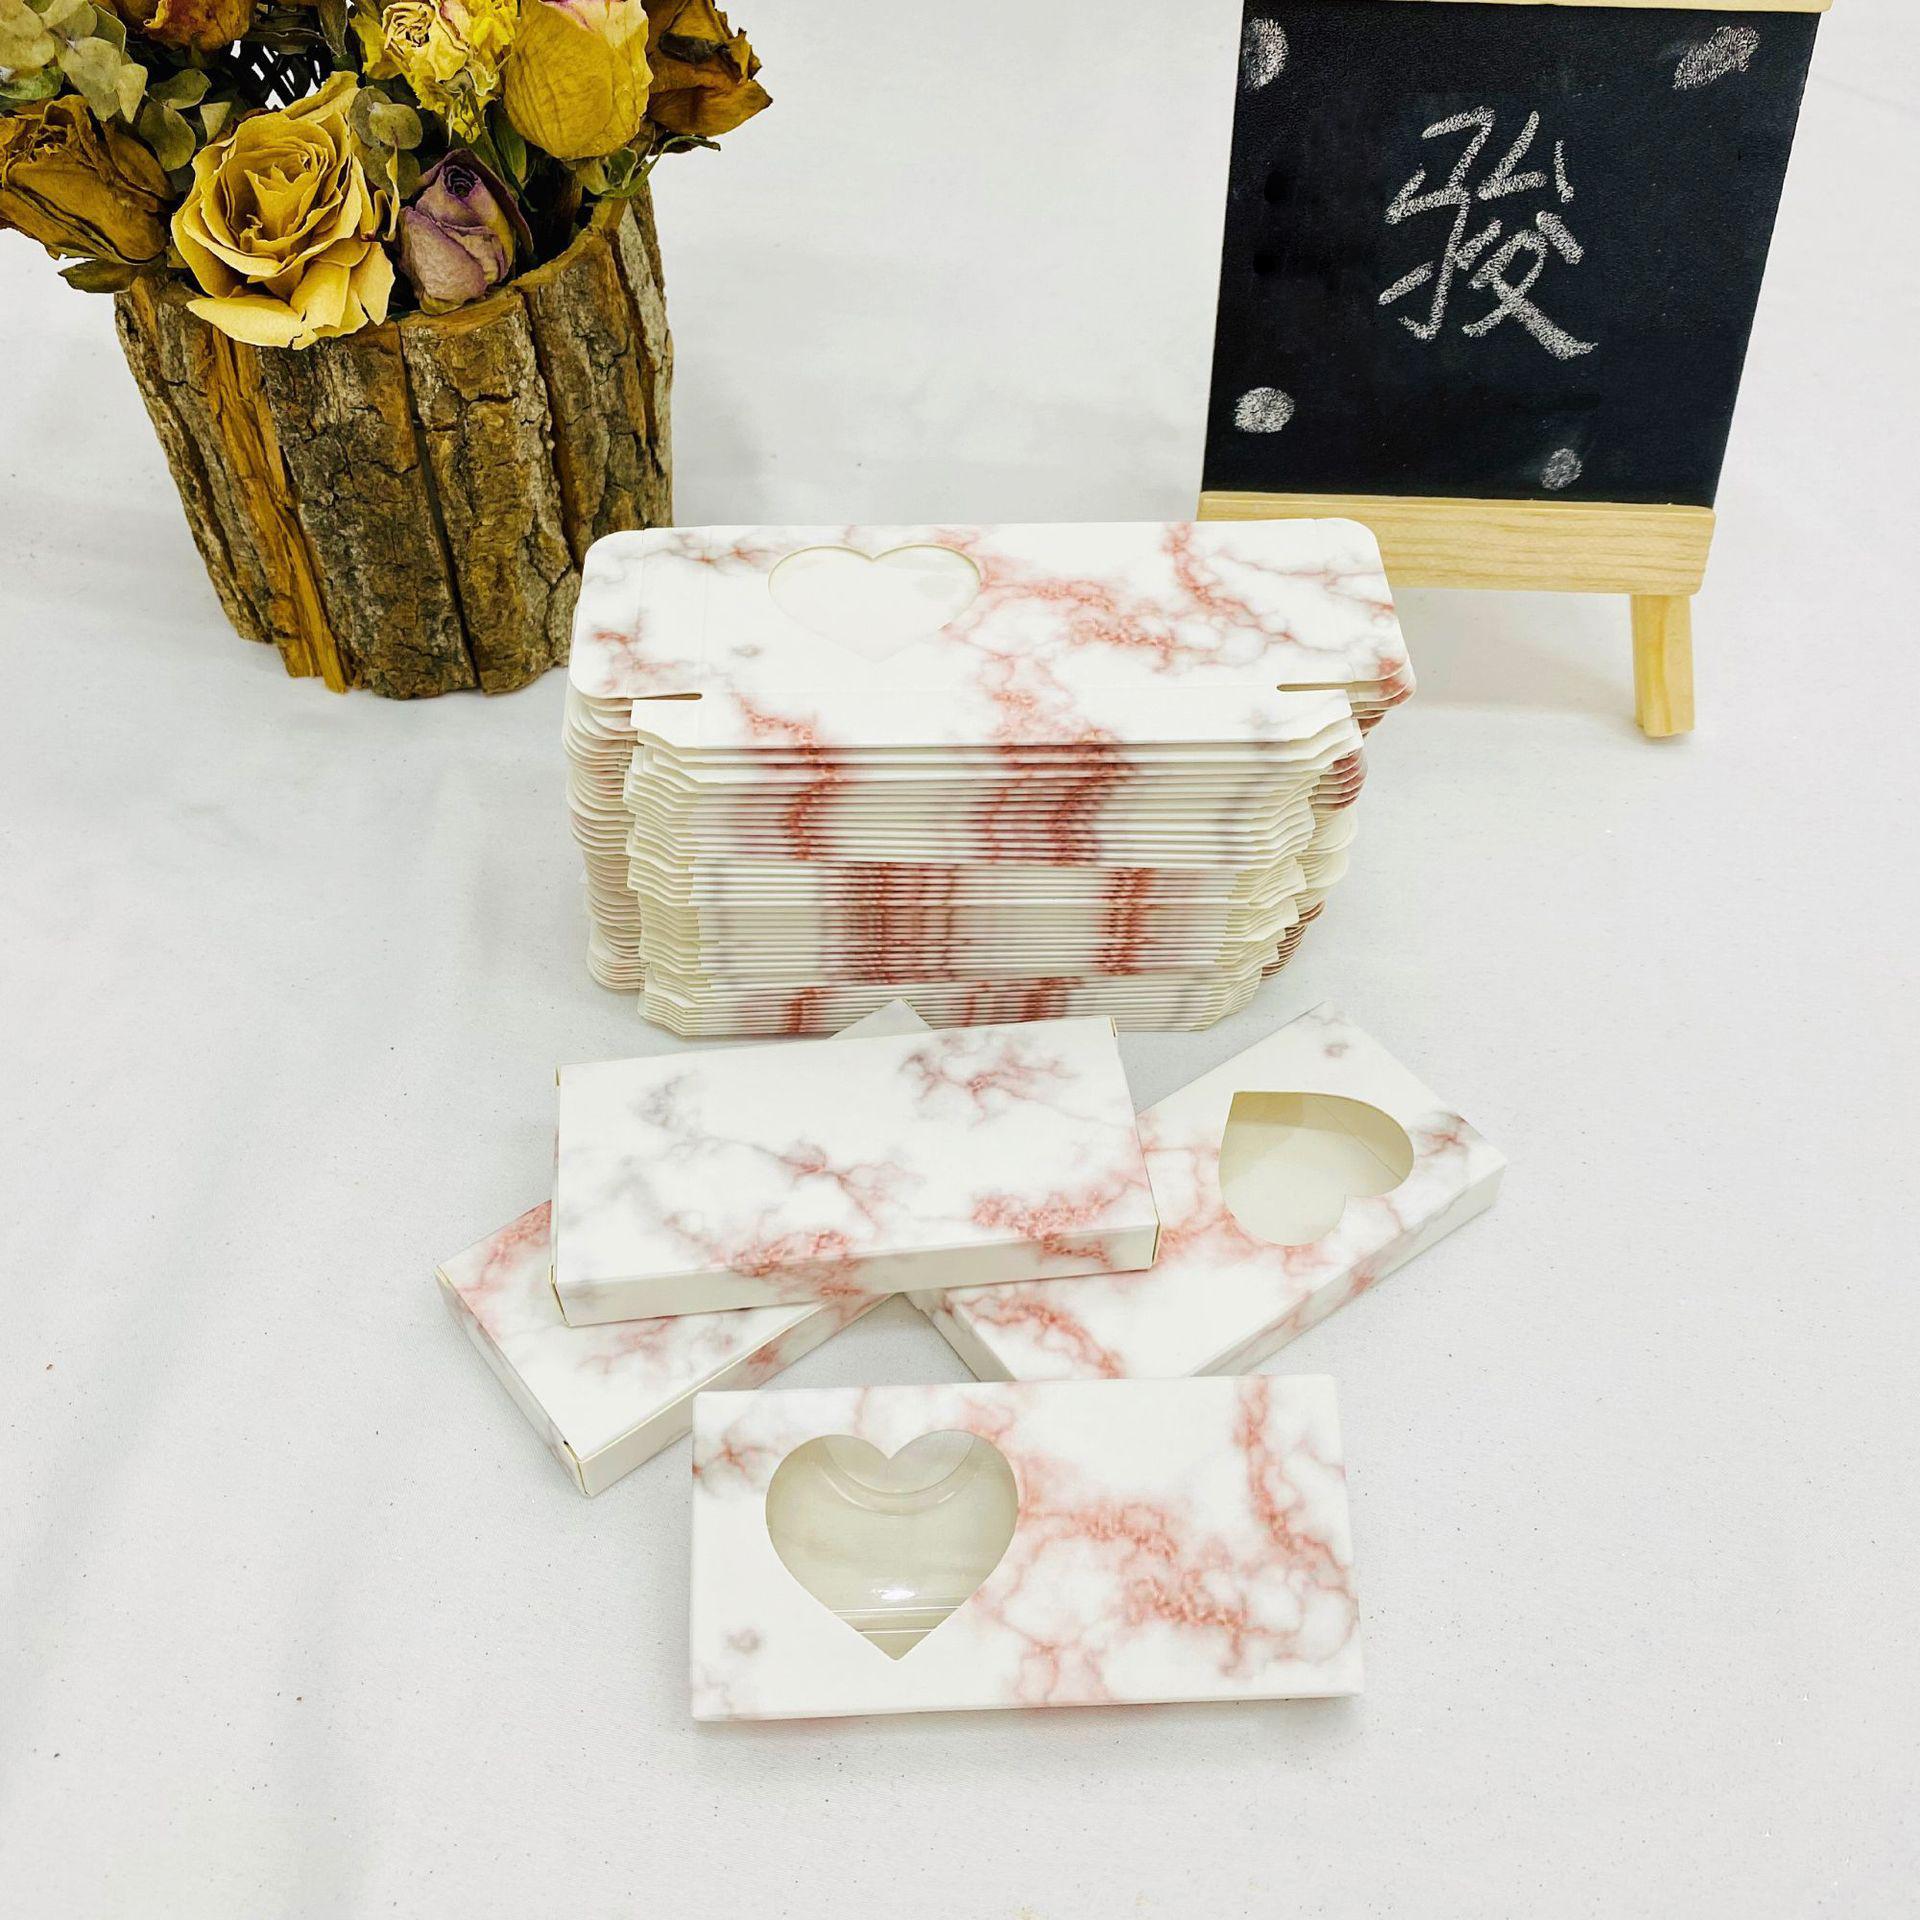 Scatola di imballaggio con ciglia False 3D Pink Box Scatole per ciglia FAUX CILS BLUSH STRUTTURA Vuota Caso di carta Scatole Lash Box Packaging Faux Cils Caso di marmo